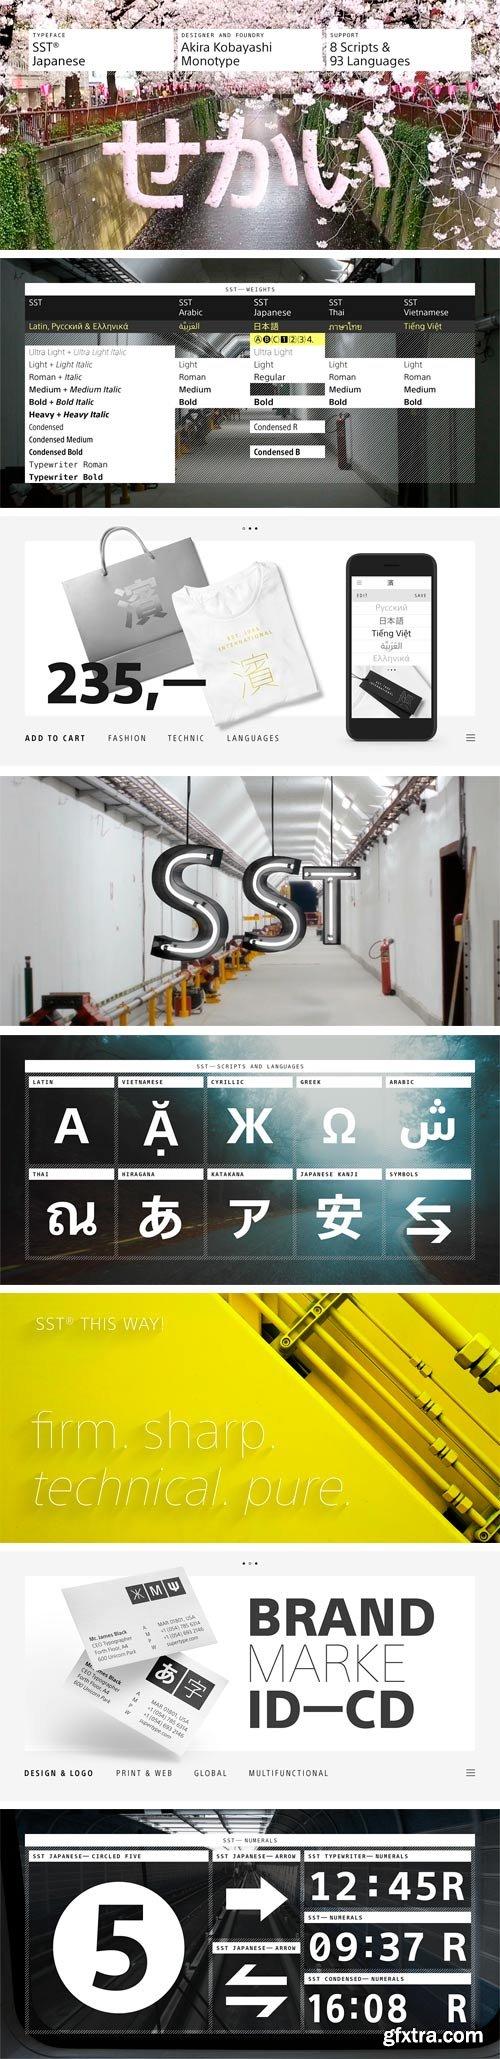 SST Japanese Font Family